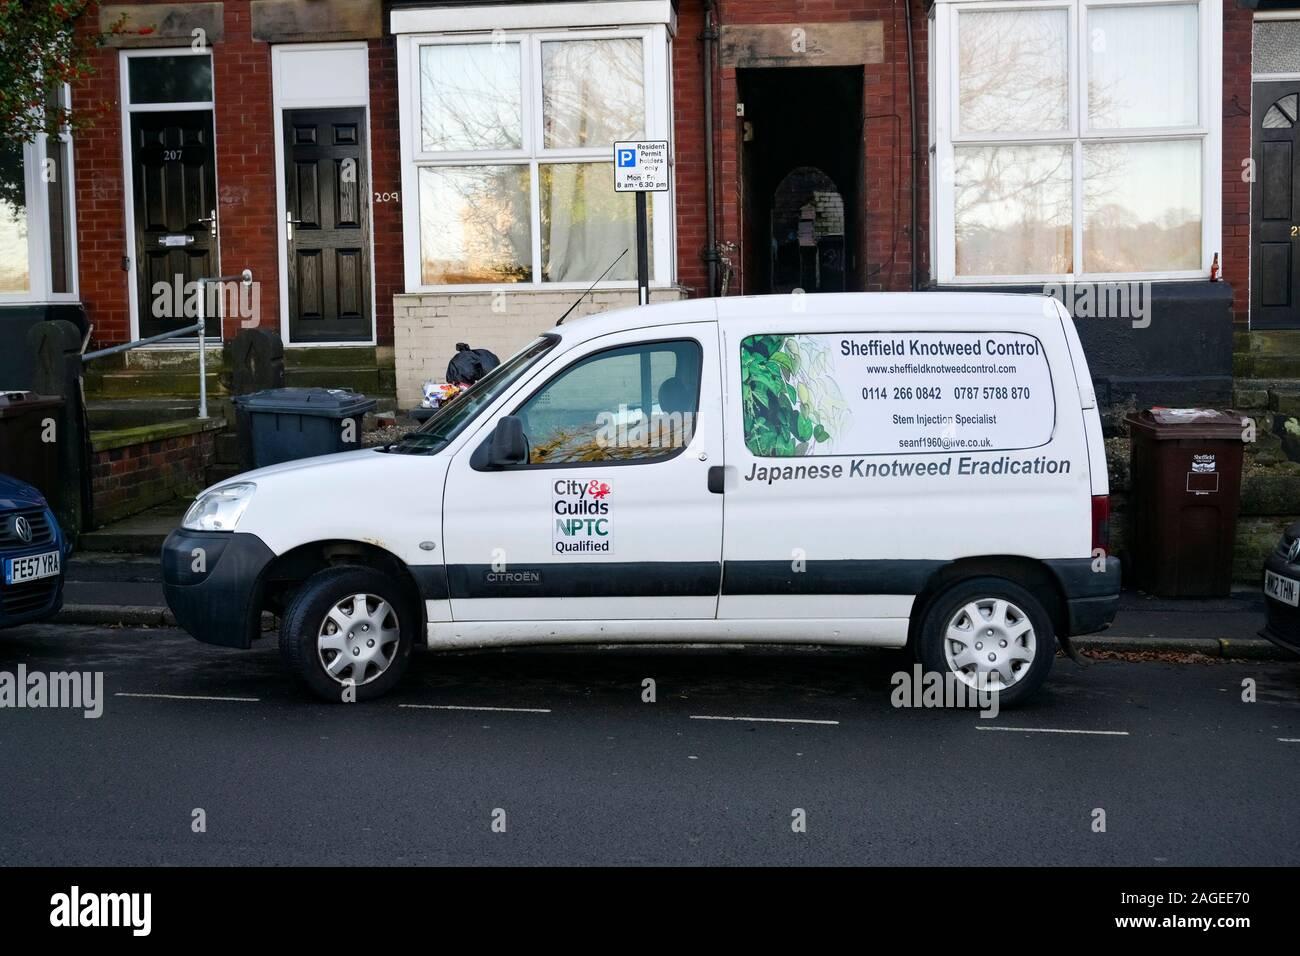 Japanese Knotweed eradication van, Sheffield, Yorkshire, England, UK Stock Photo